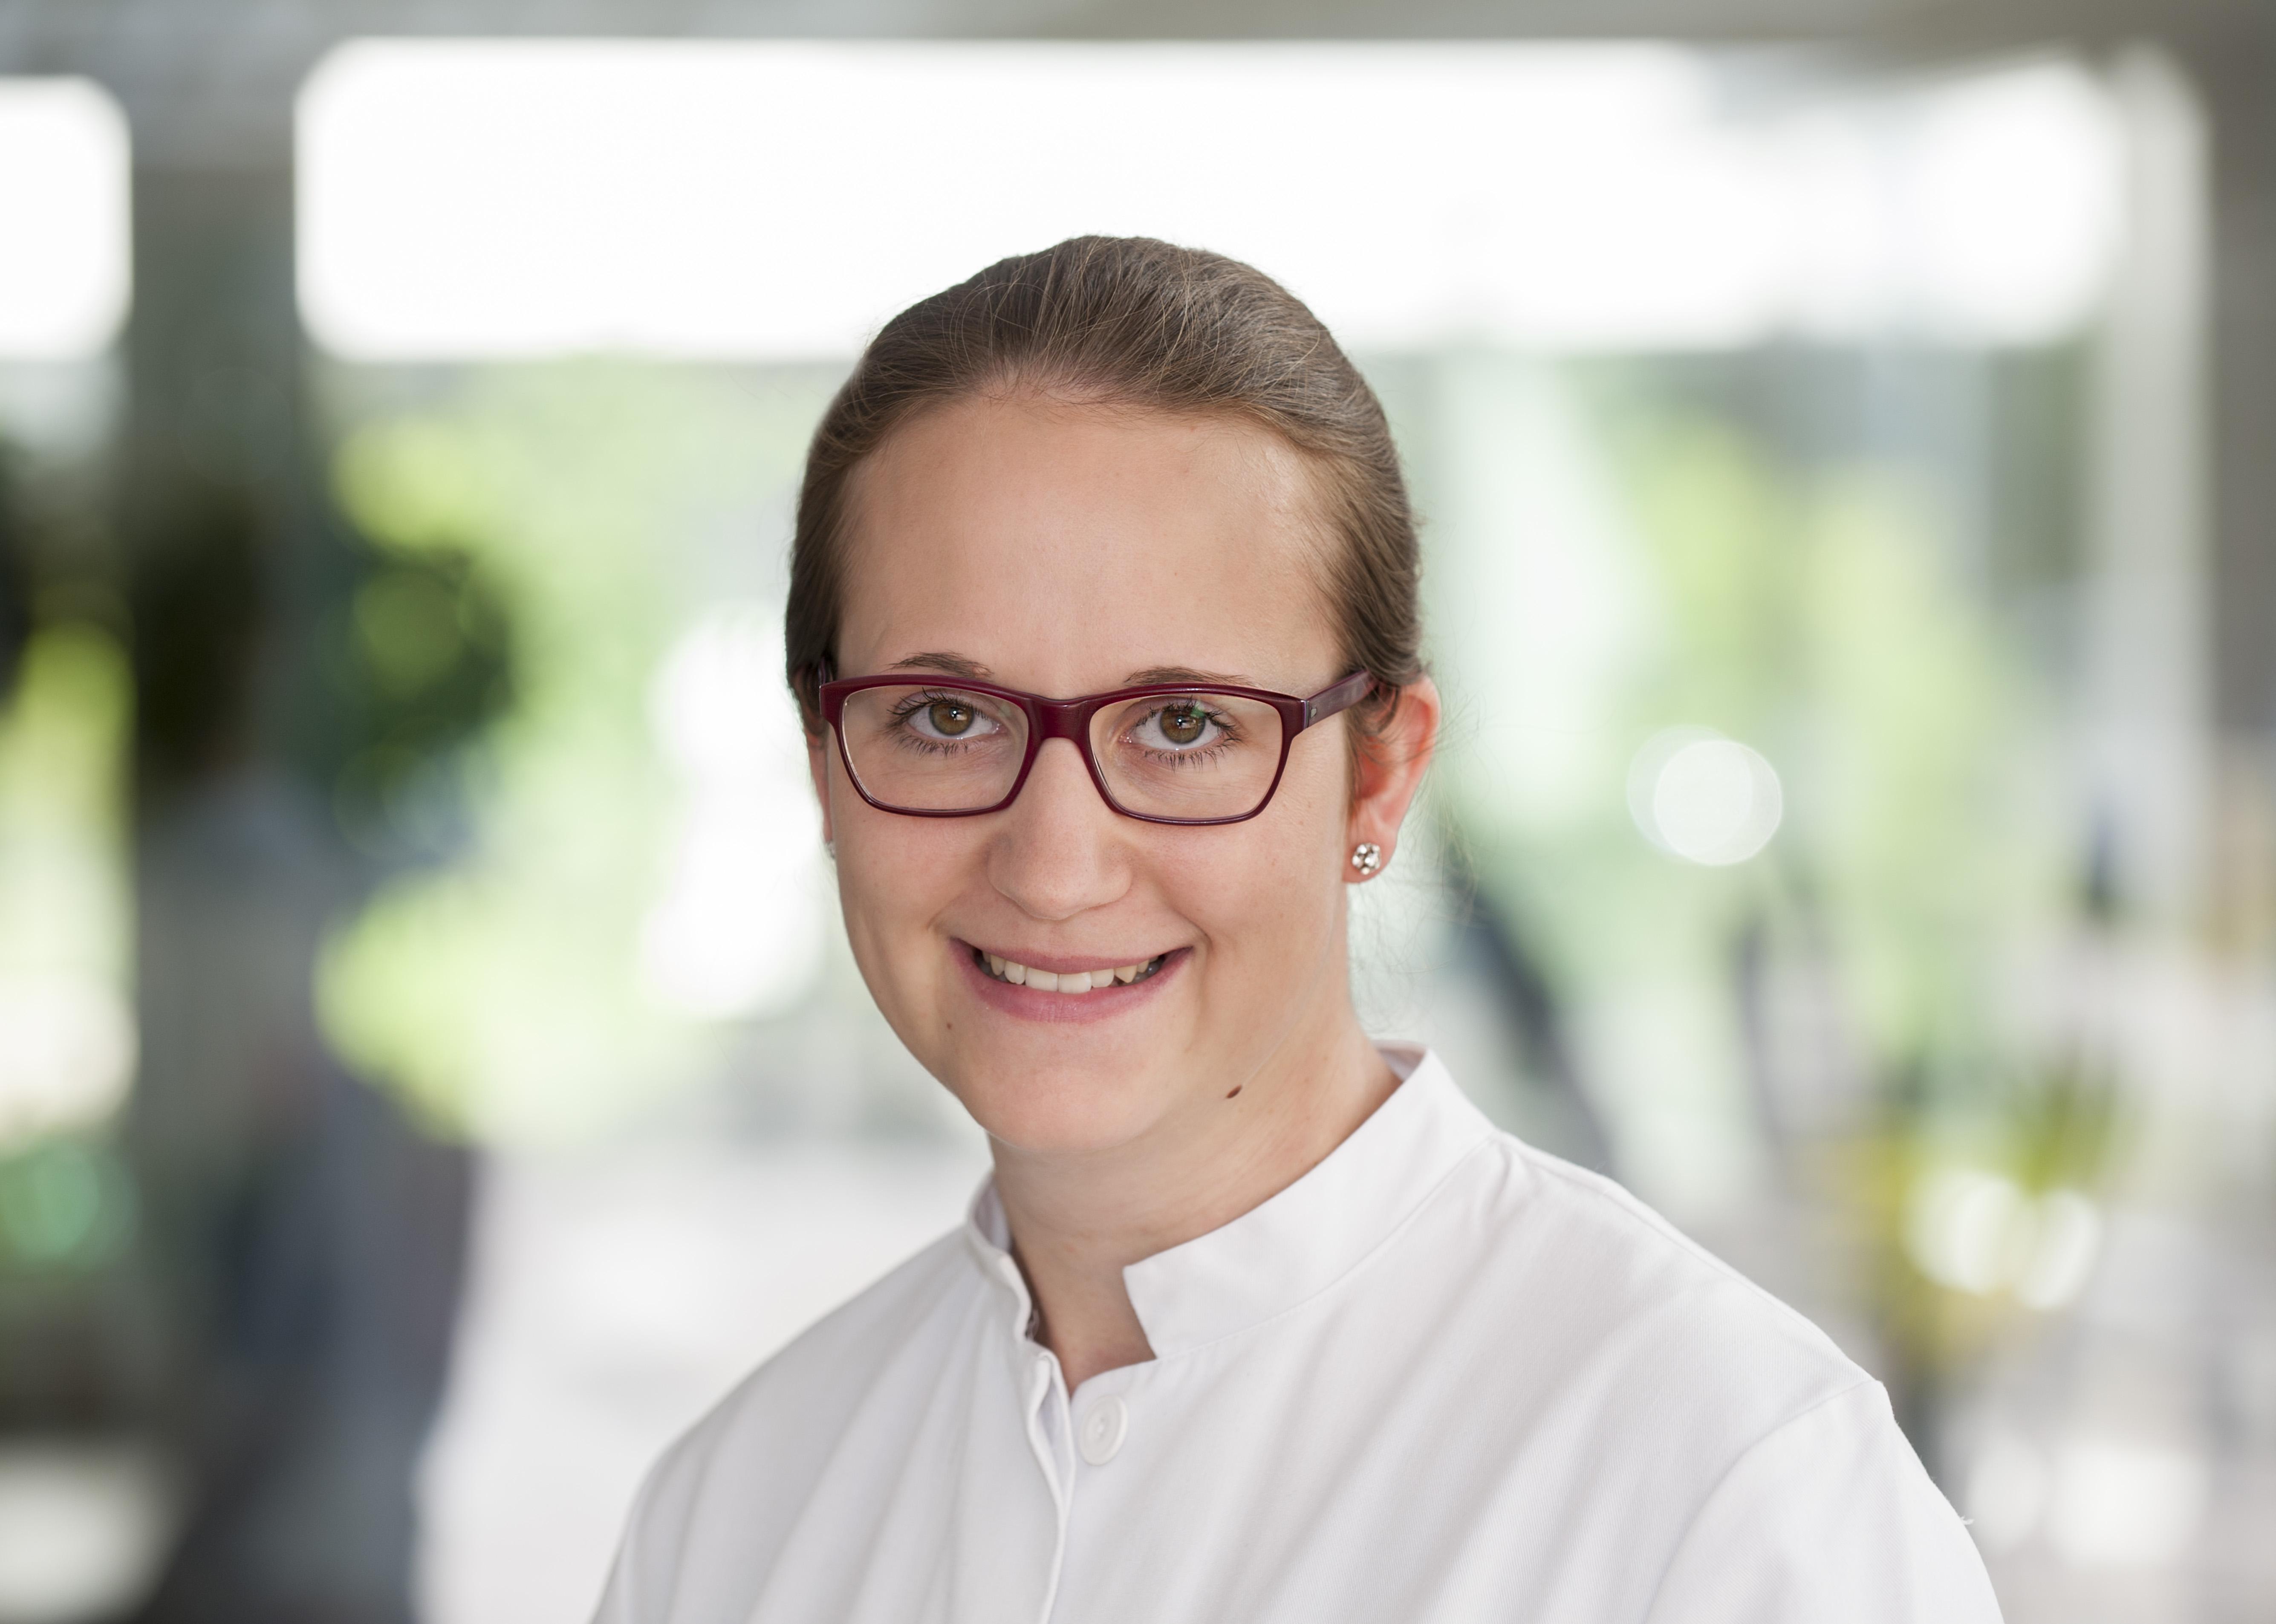 Manuela Scherer